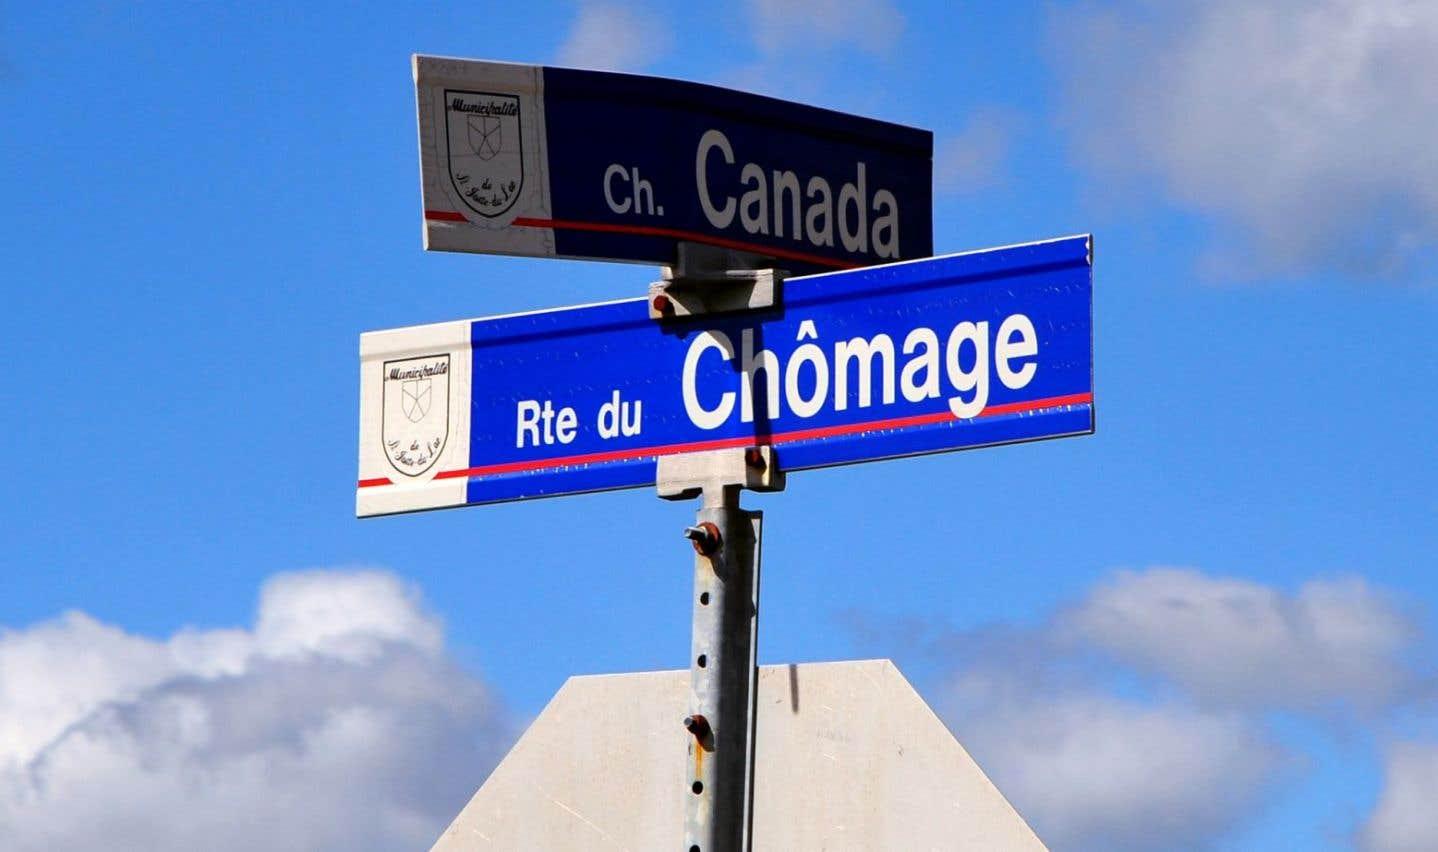 Que ce soit par leur caractère cocasse, poétique, mystérieux ou grivois, plusieurs toponymes québécois provoquent l'étonnement.